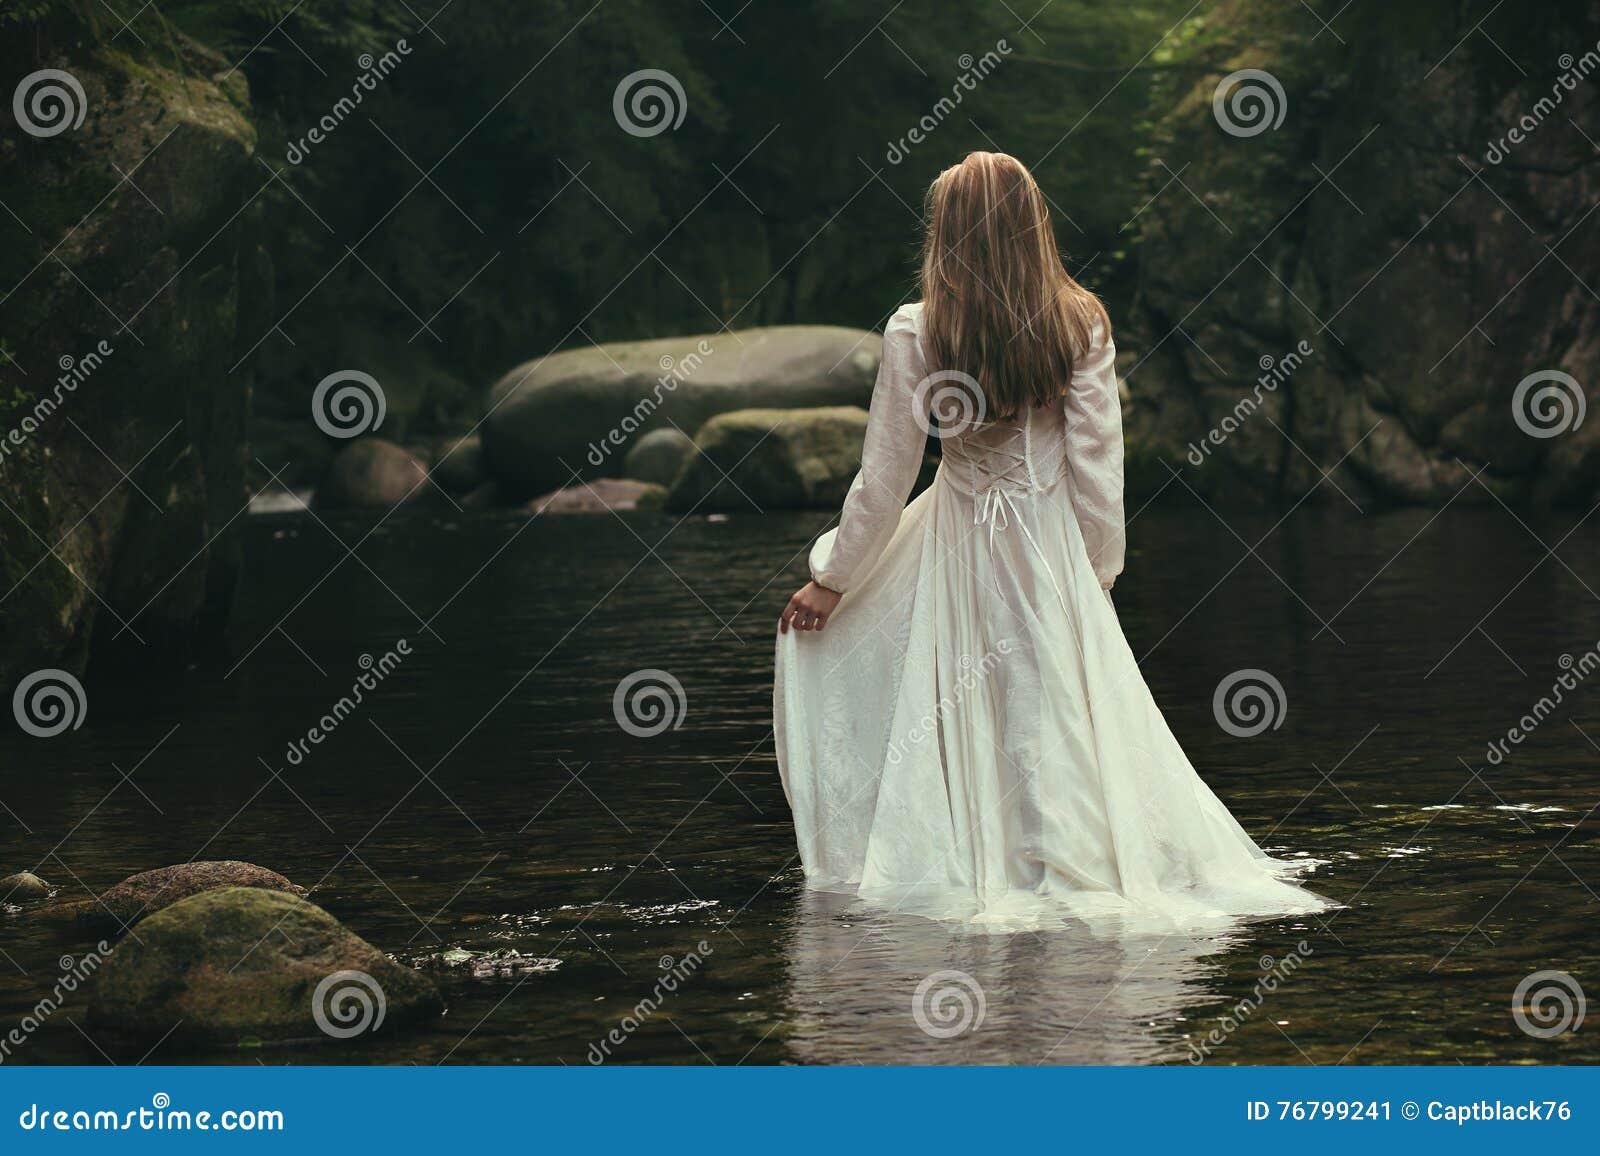 Романтичная женщина идет в поток